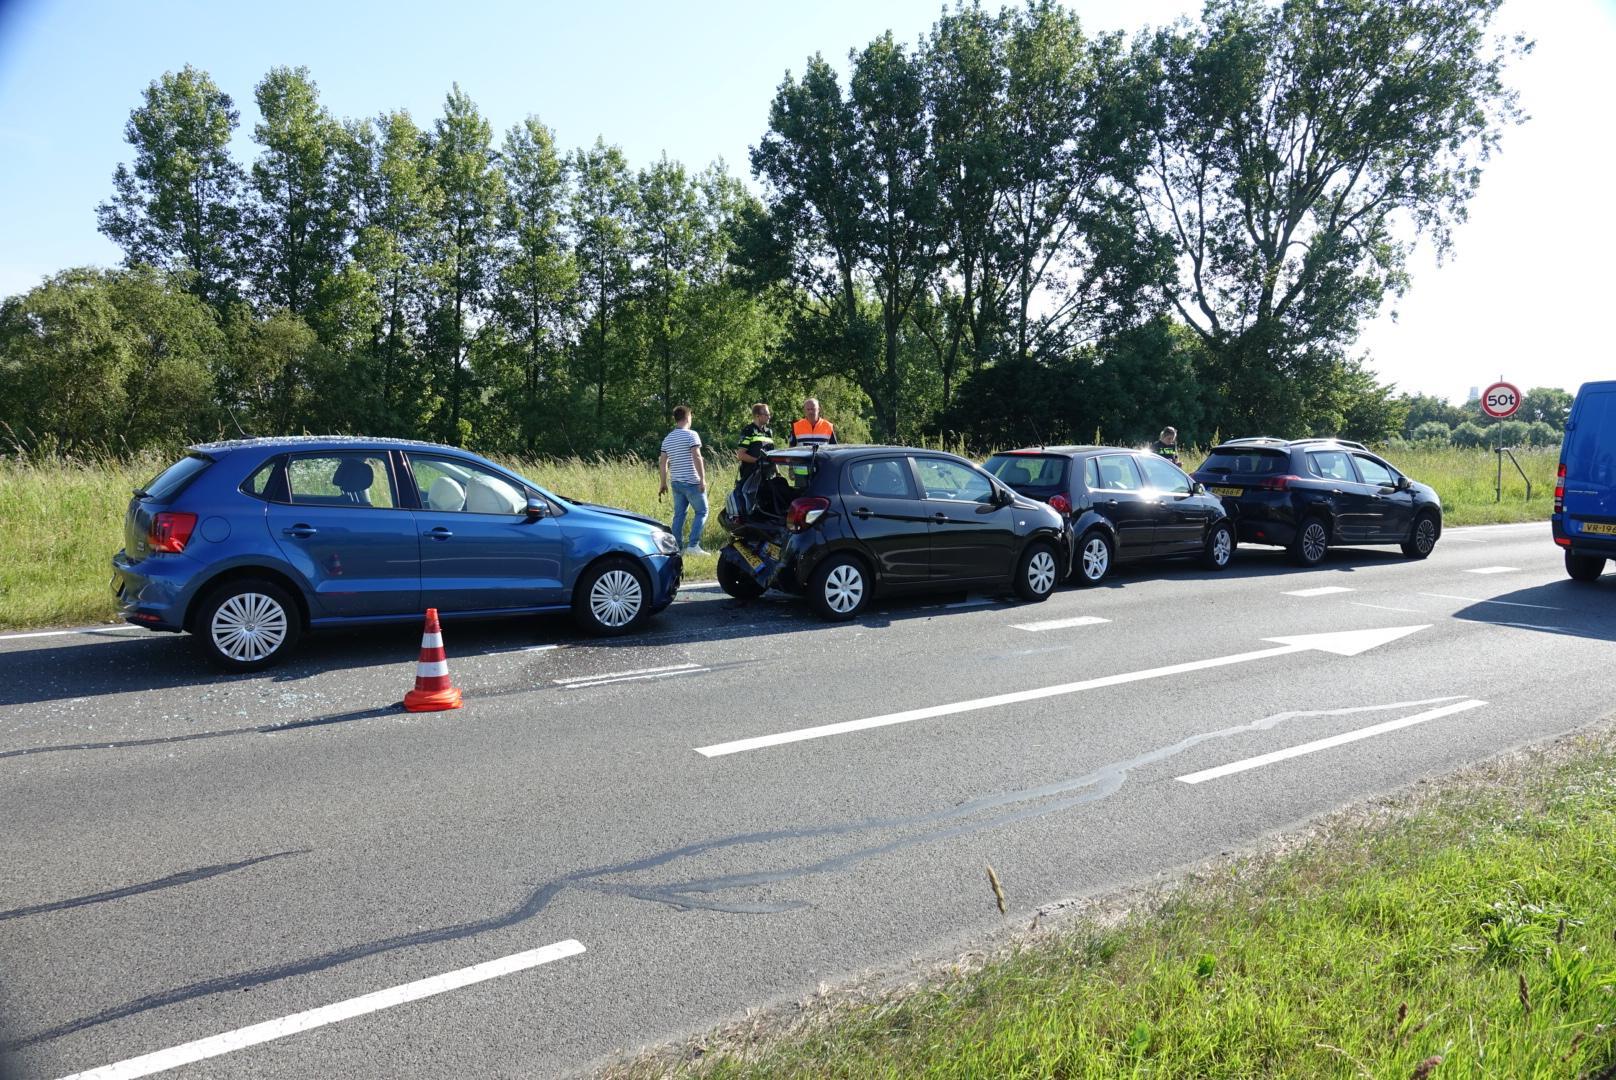 Gewonde en veel schade bij kop-staartbotsing op de N203 in Krommenie